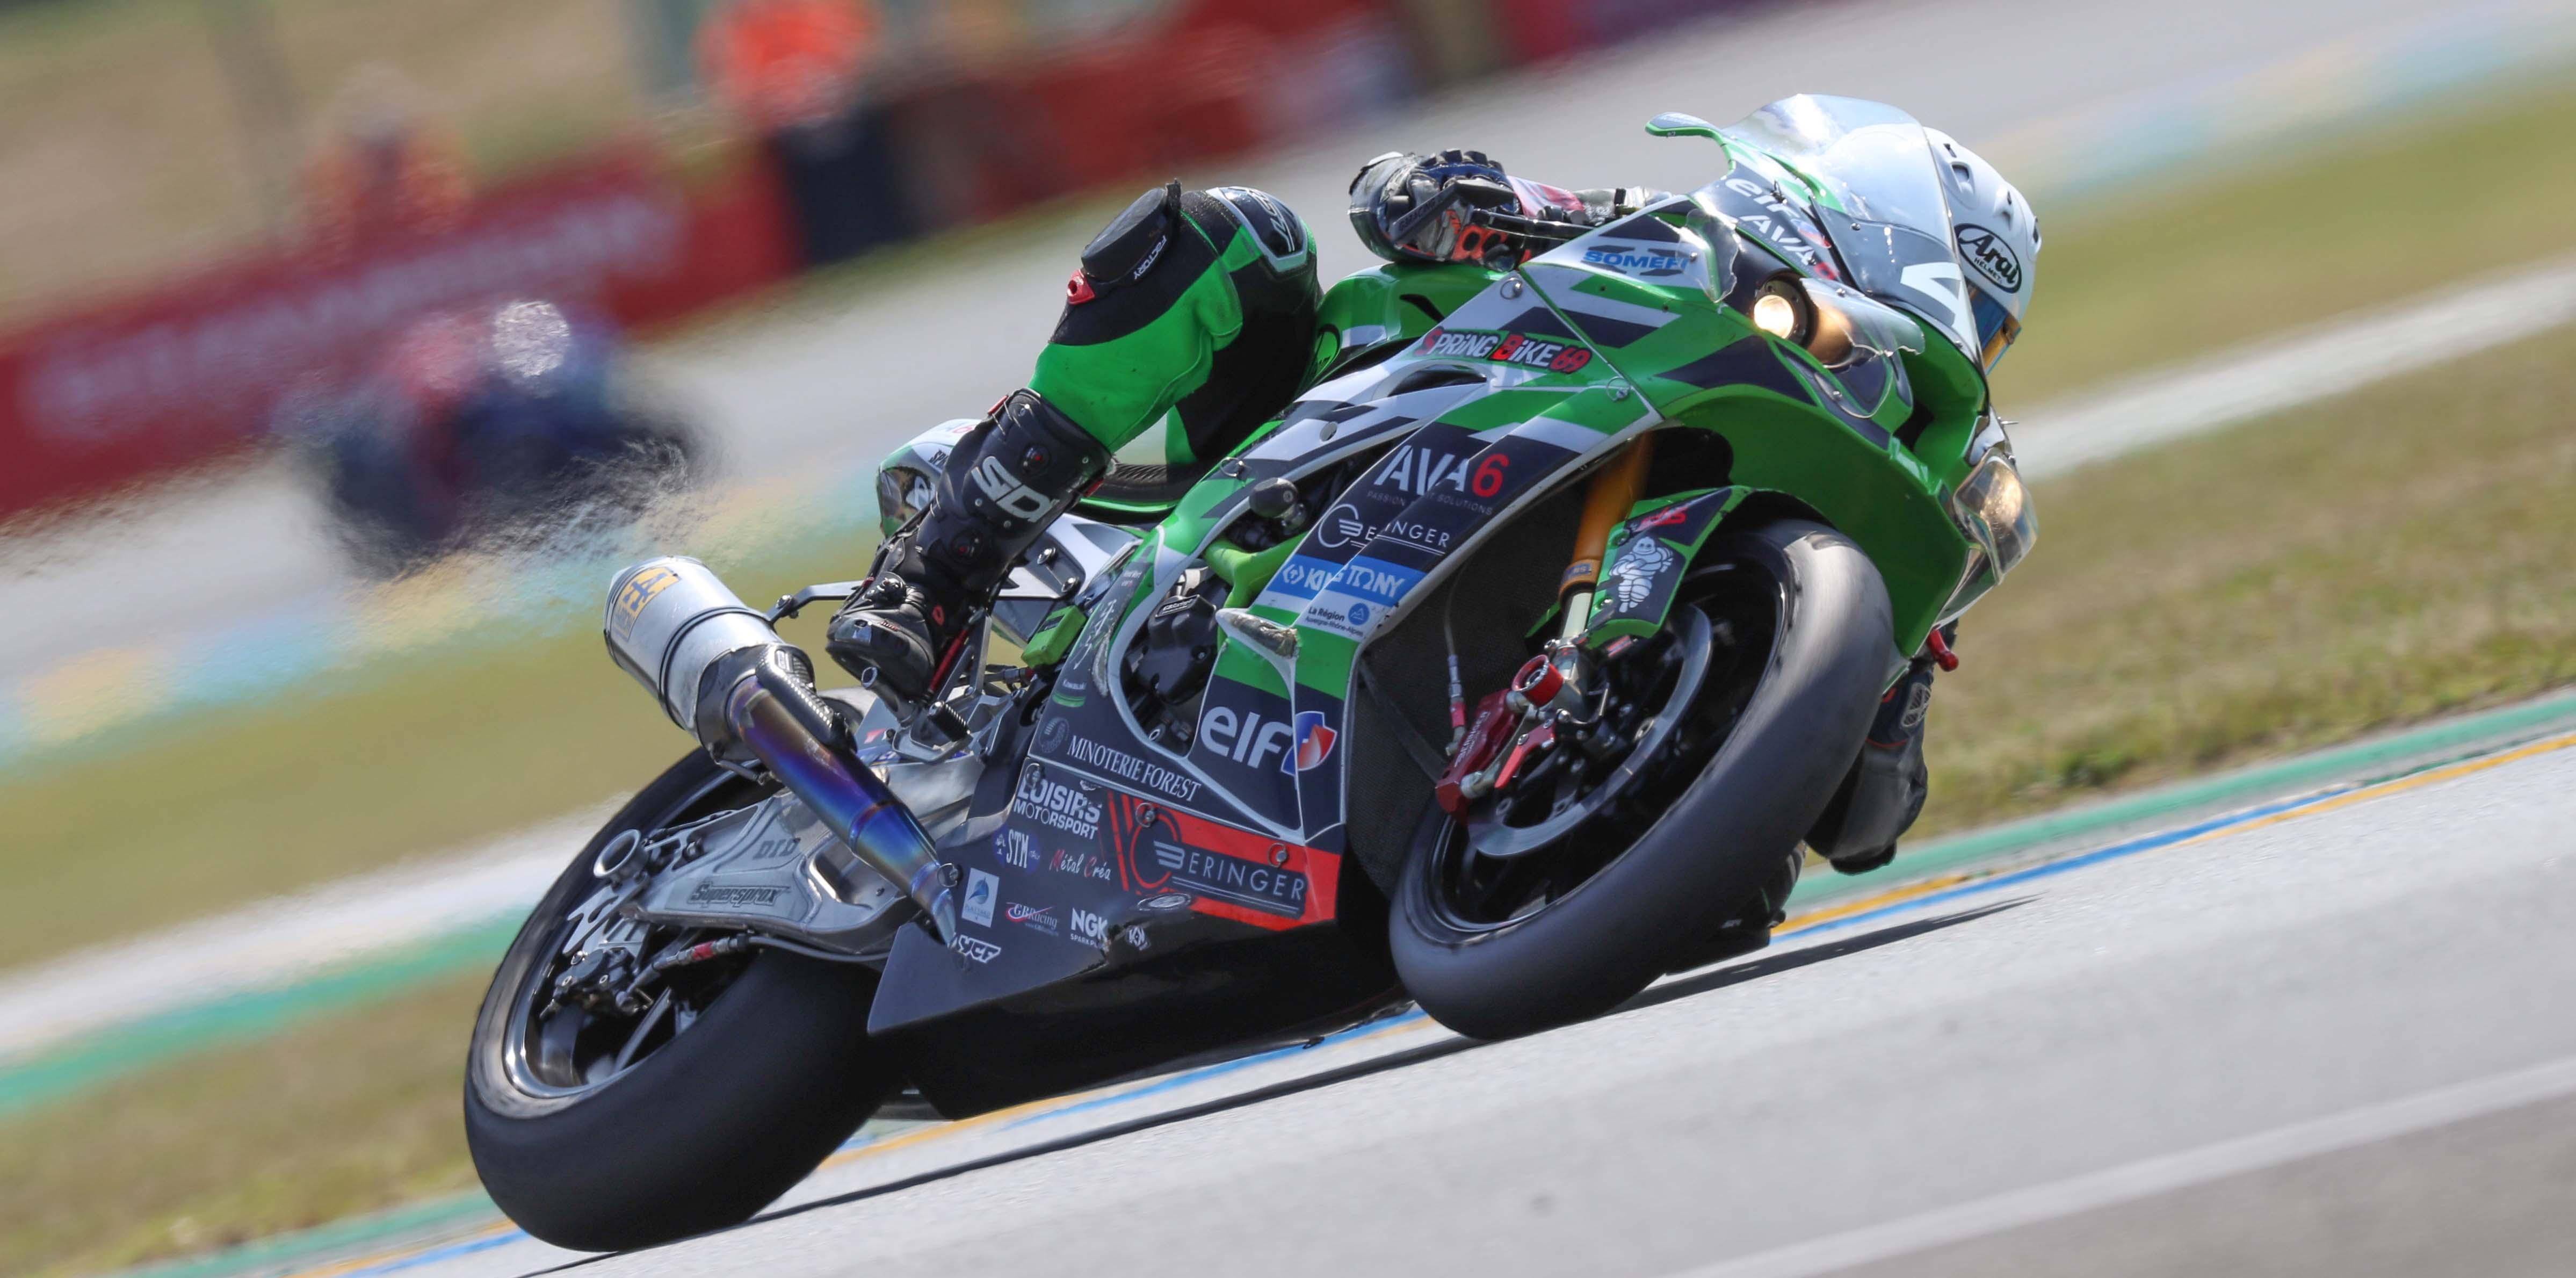 Tati Team Beringer Racing